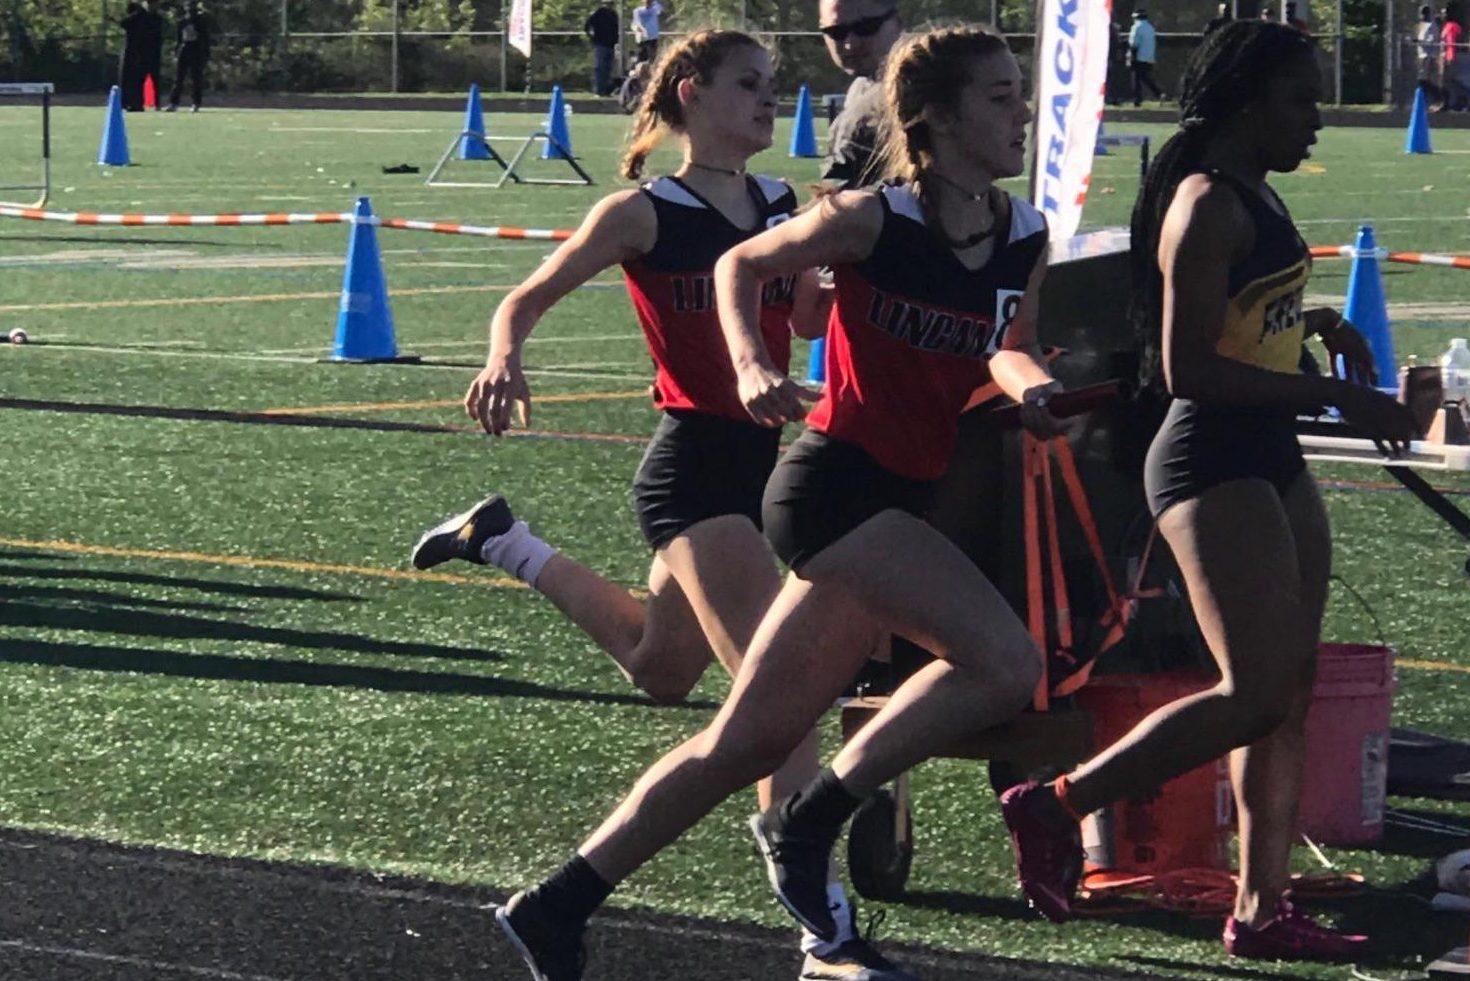 Freshman, Mikayla Moxley, passes the baton to freshman, Gemma Davies, in the 4x400 relay.